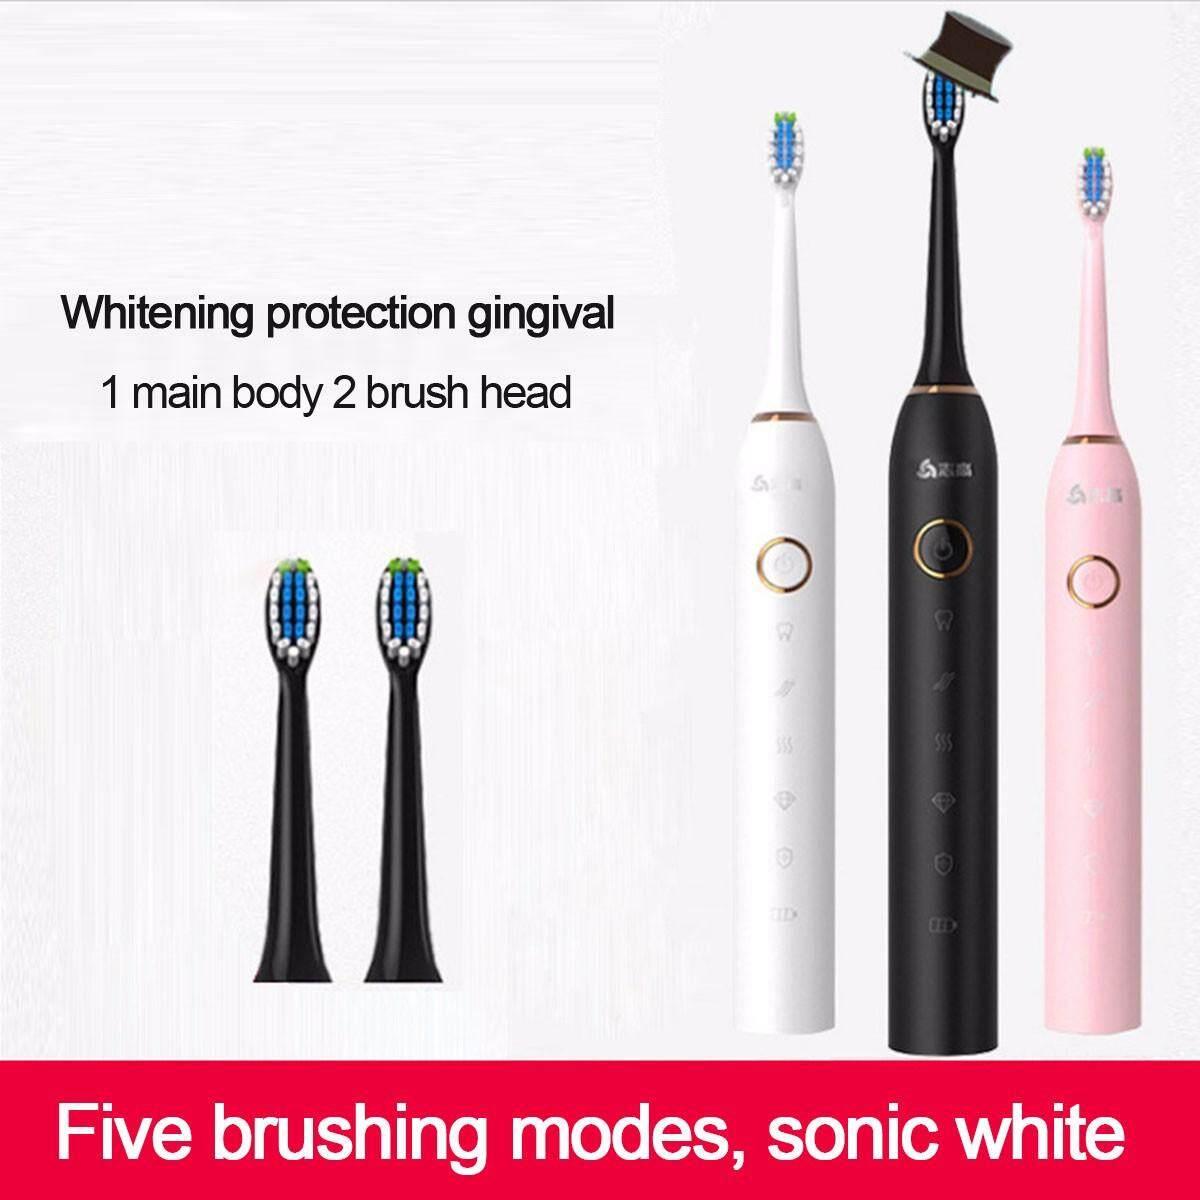 แปรงสีฟันไฟฟ้าเพื่อรอยยิ้มขาวสดใส ตาก USB เกี่ยวกับระบบเสียงที่สามารถชาร์จไฟได้แปรงสีฟันไฟฟ้า 2 ชิ้นหัวแปรงถอดเปลี่ยนได้  กันน้ำอัตโนมัติฟันแปรงสีชมพู สีดำ สีขาว